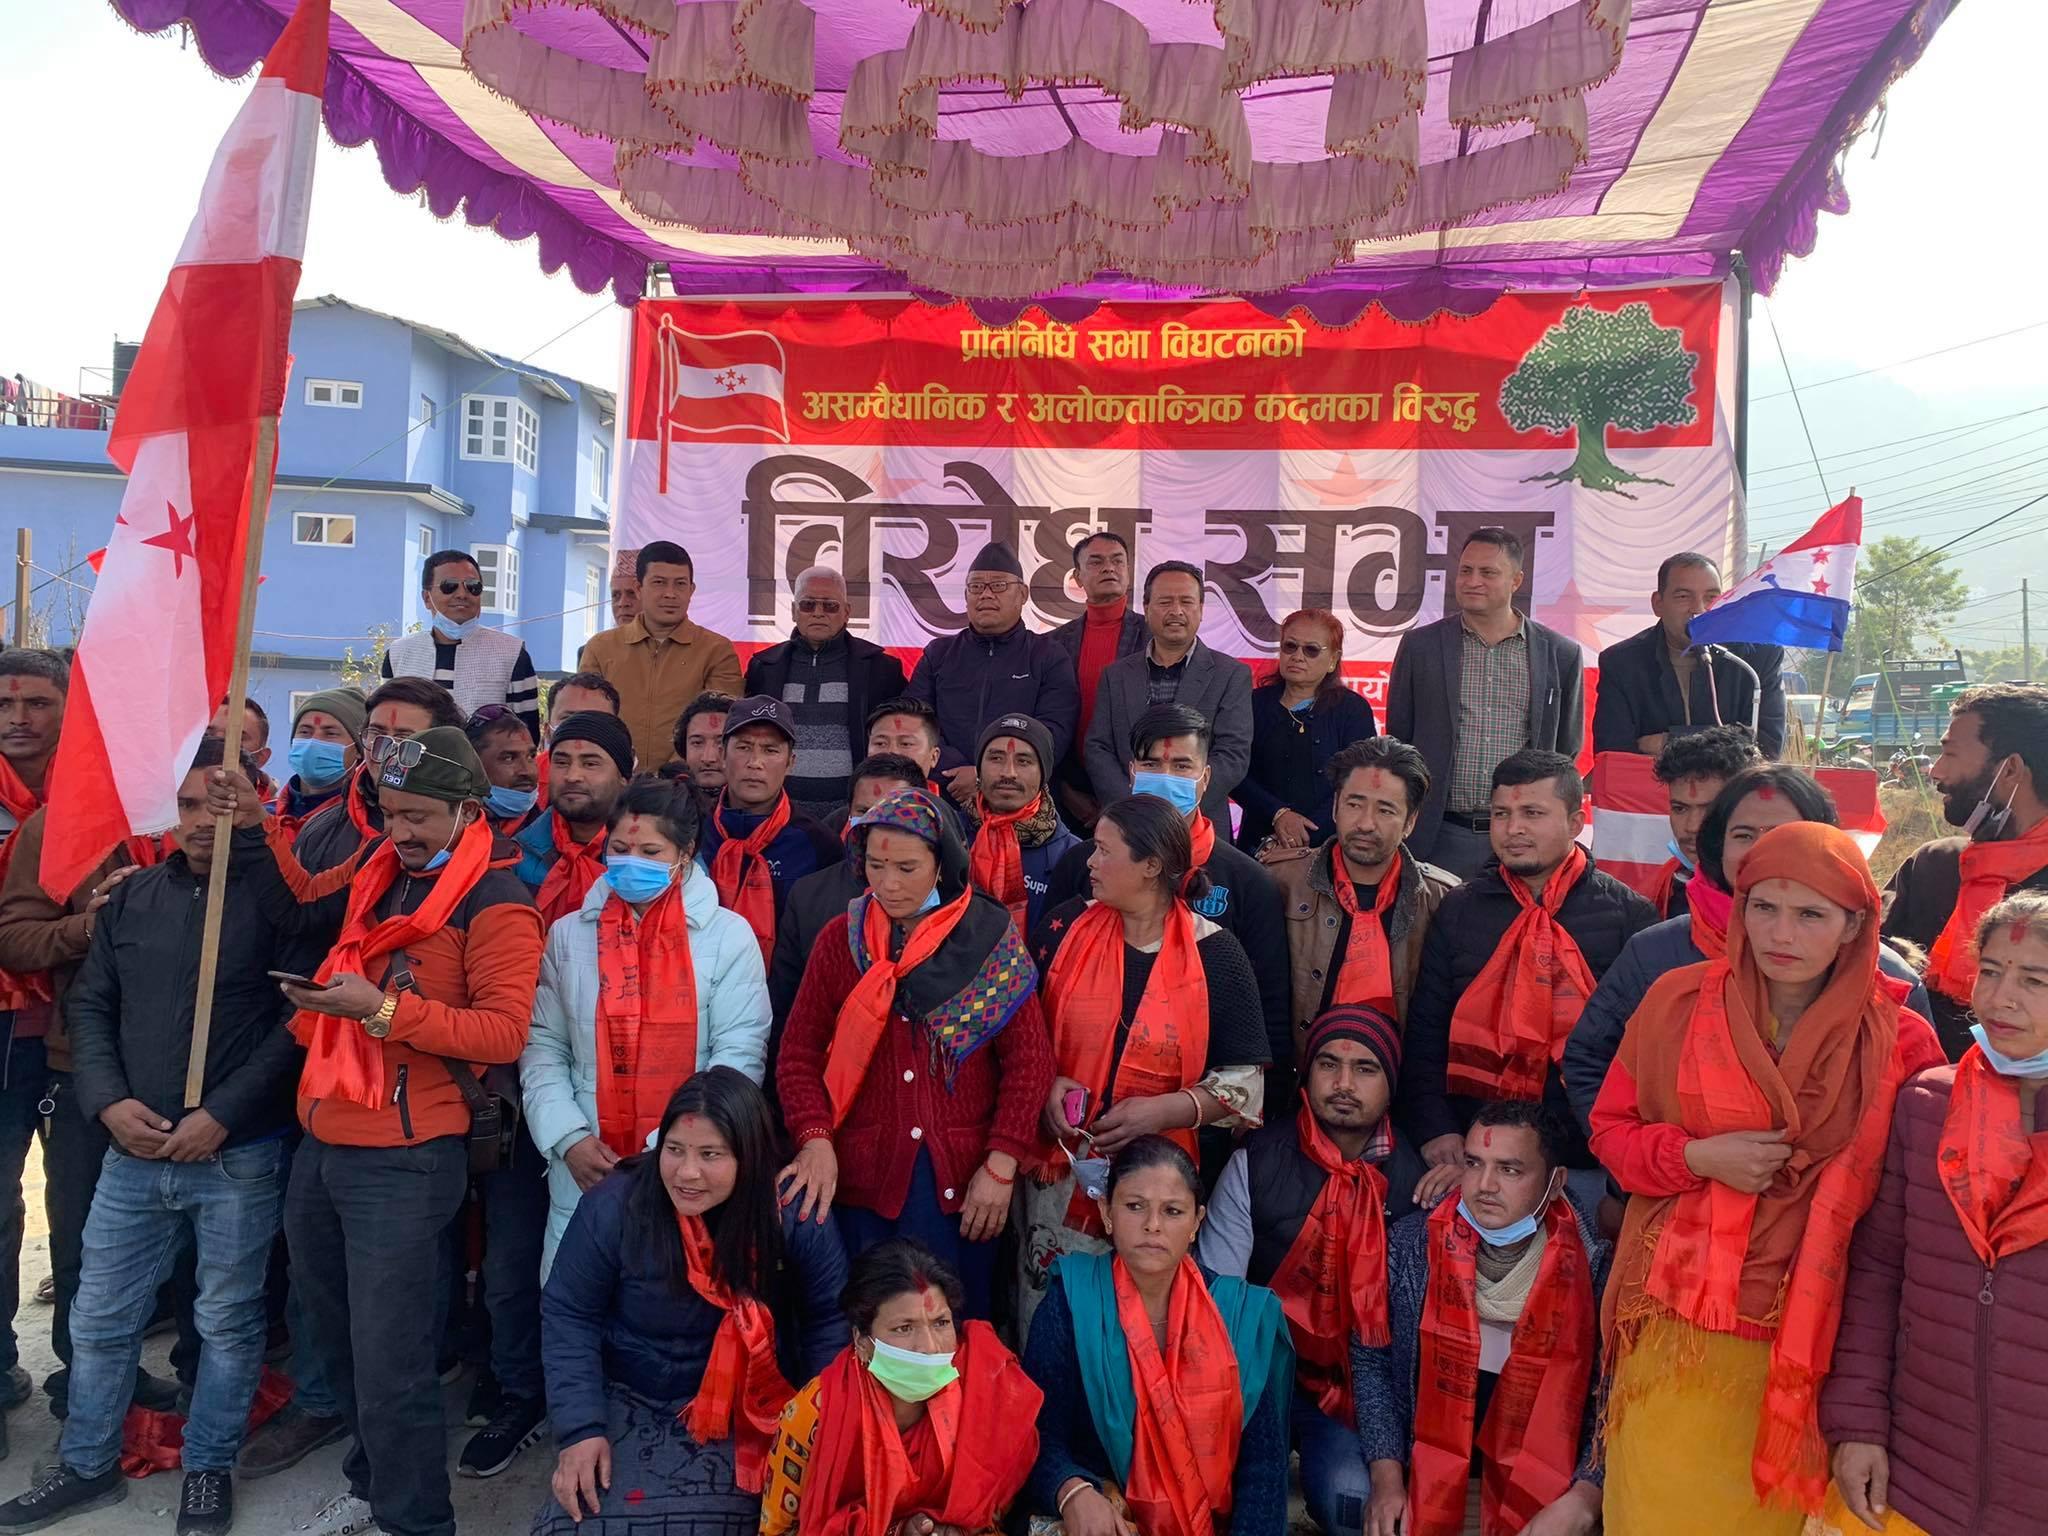 भक्तपुरमा महेश बस्नेतलाई झड्का, उनकै पकड क्षेत्रबाट ७८ जना नेपाली काङ्ग्रेसमा प्रवेश